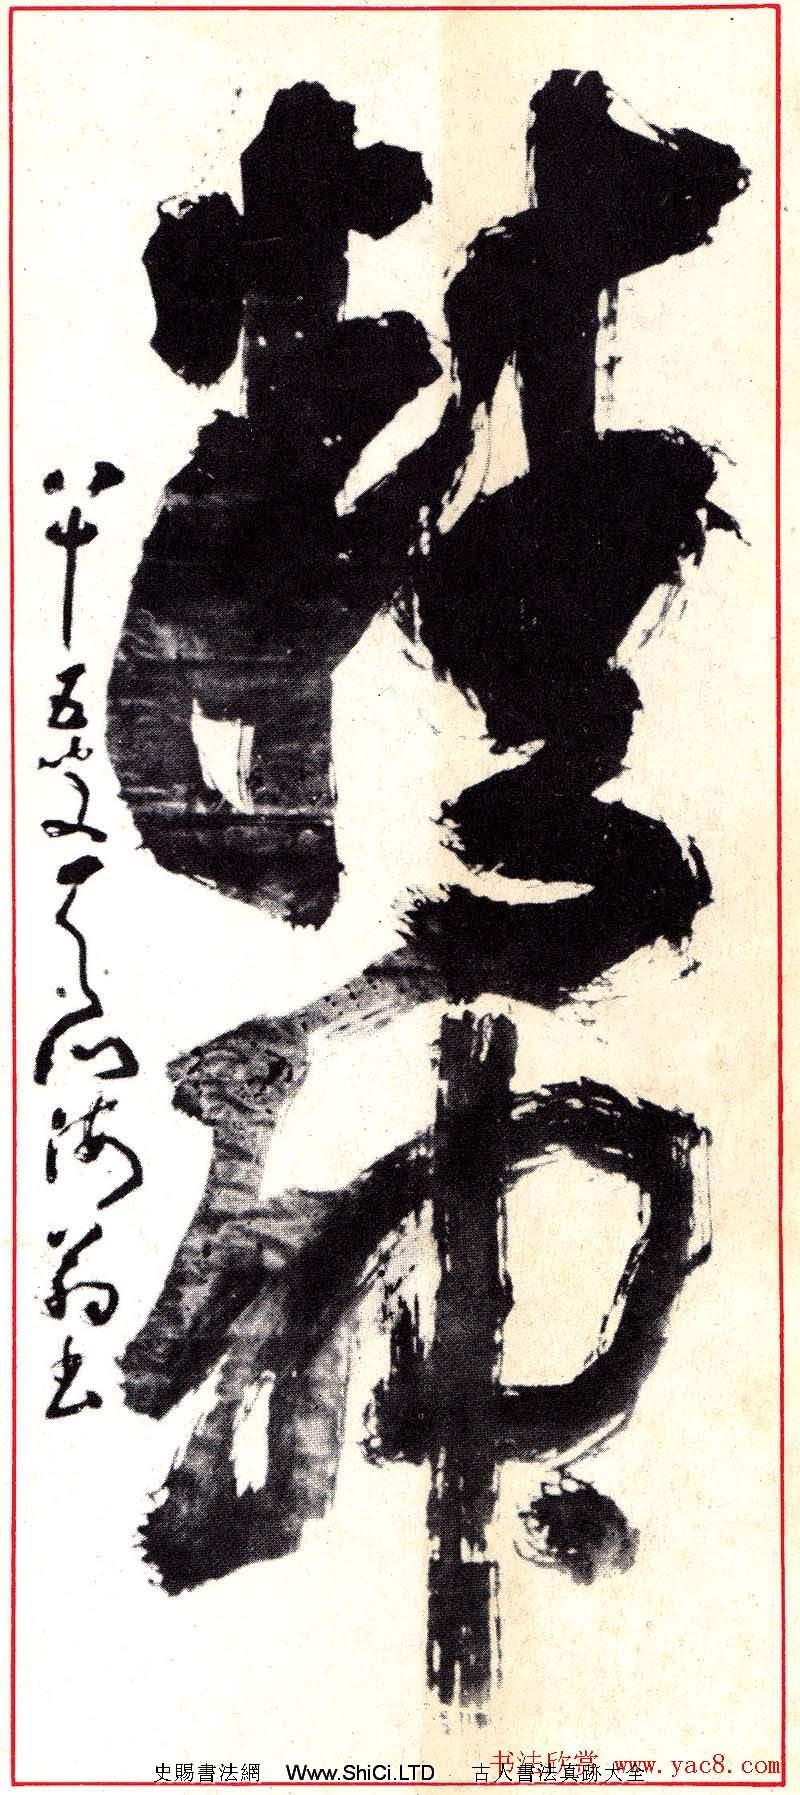 日本豐道春海書法作品真跡欣賞(共3張圖片)